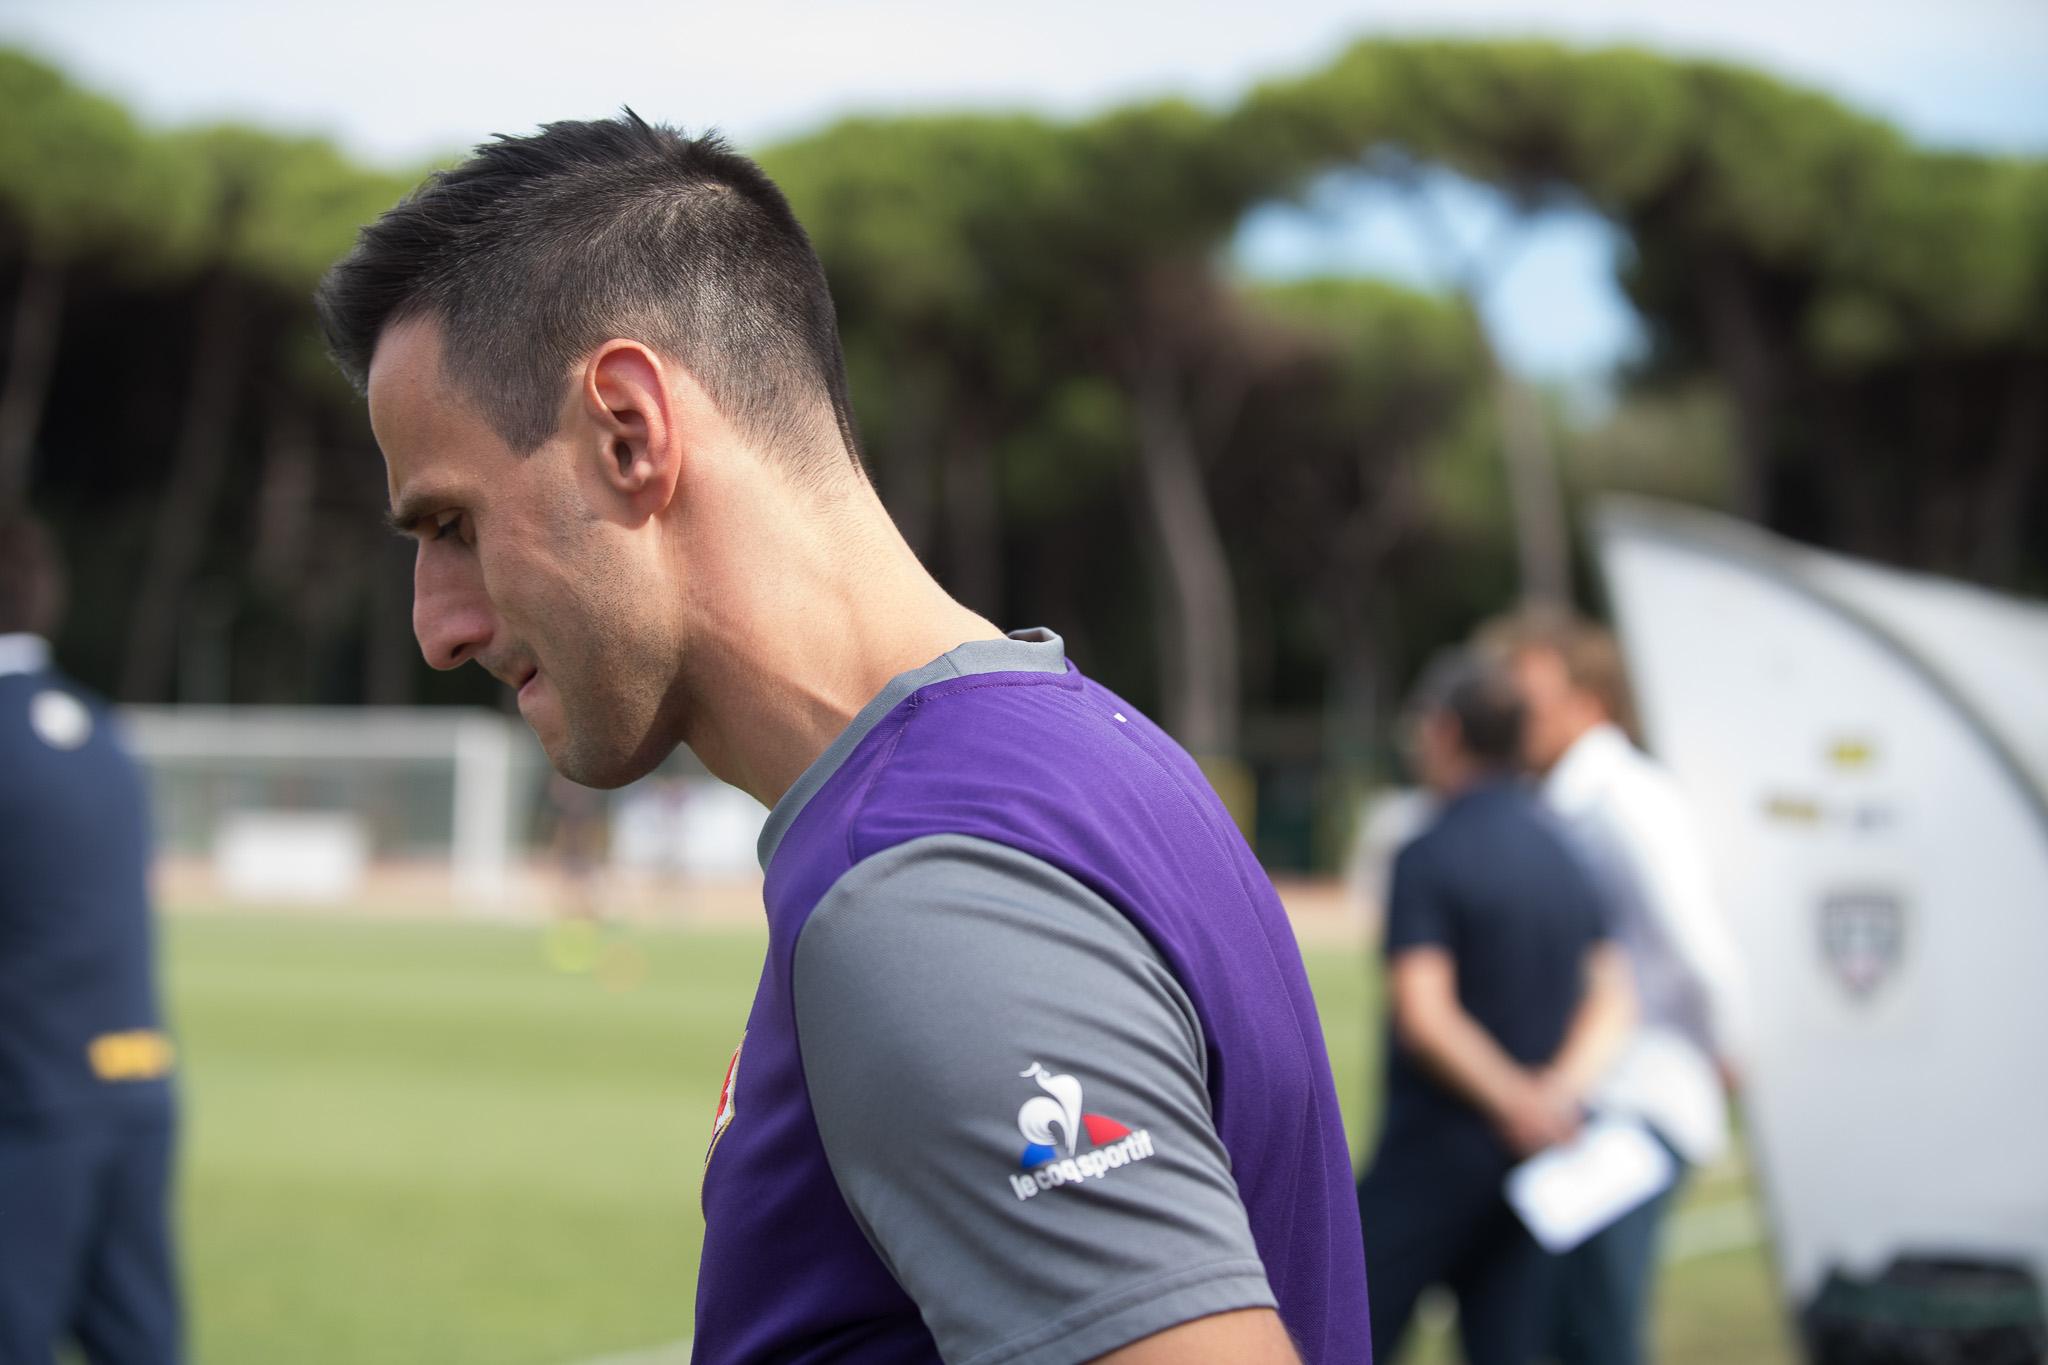 """Di Marzio: """"Tutto bloccato per Kalinic, la Fiorentina vuole i 29 milioni che offre anche l'Everton per il centravanti croato"""""""